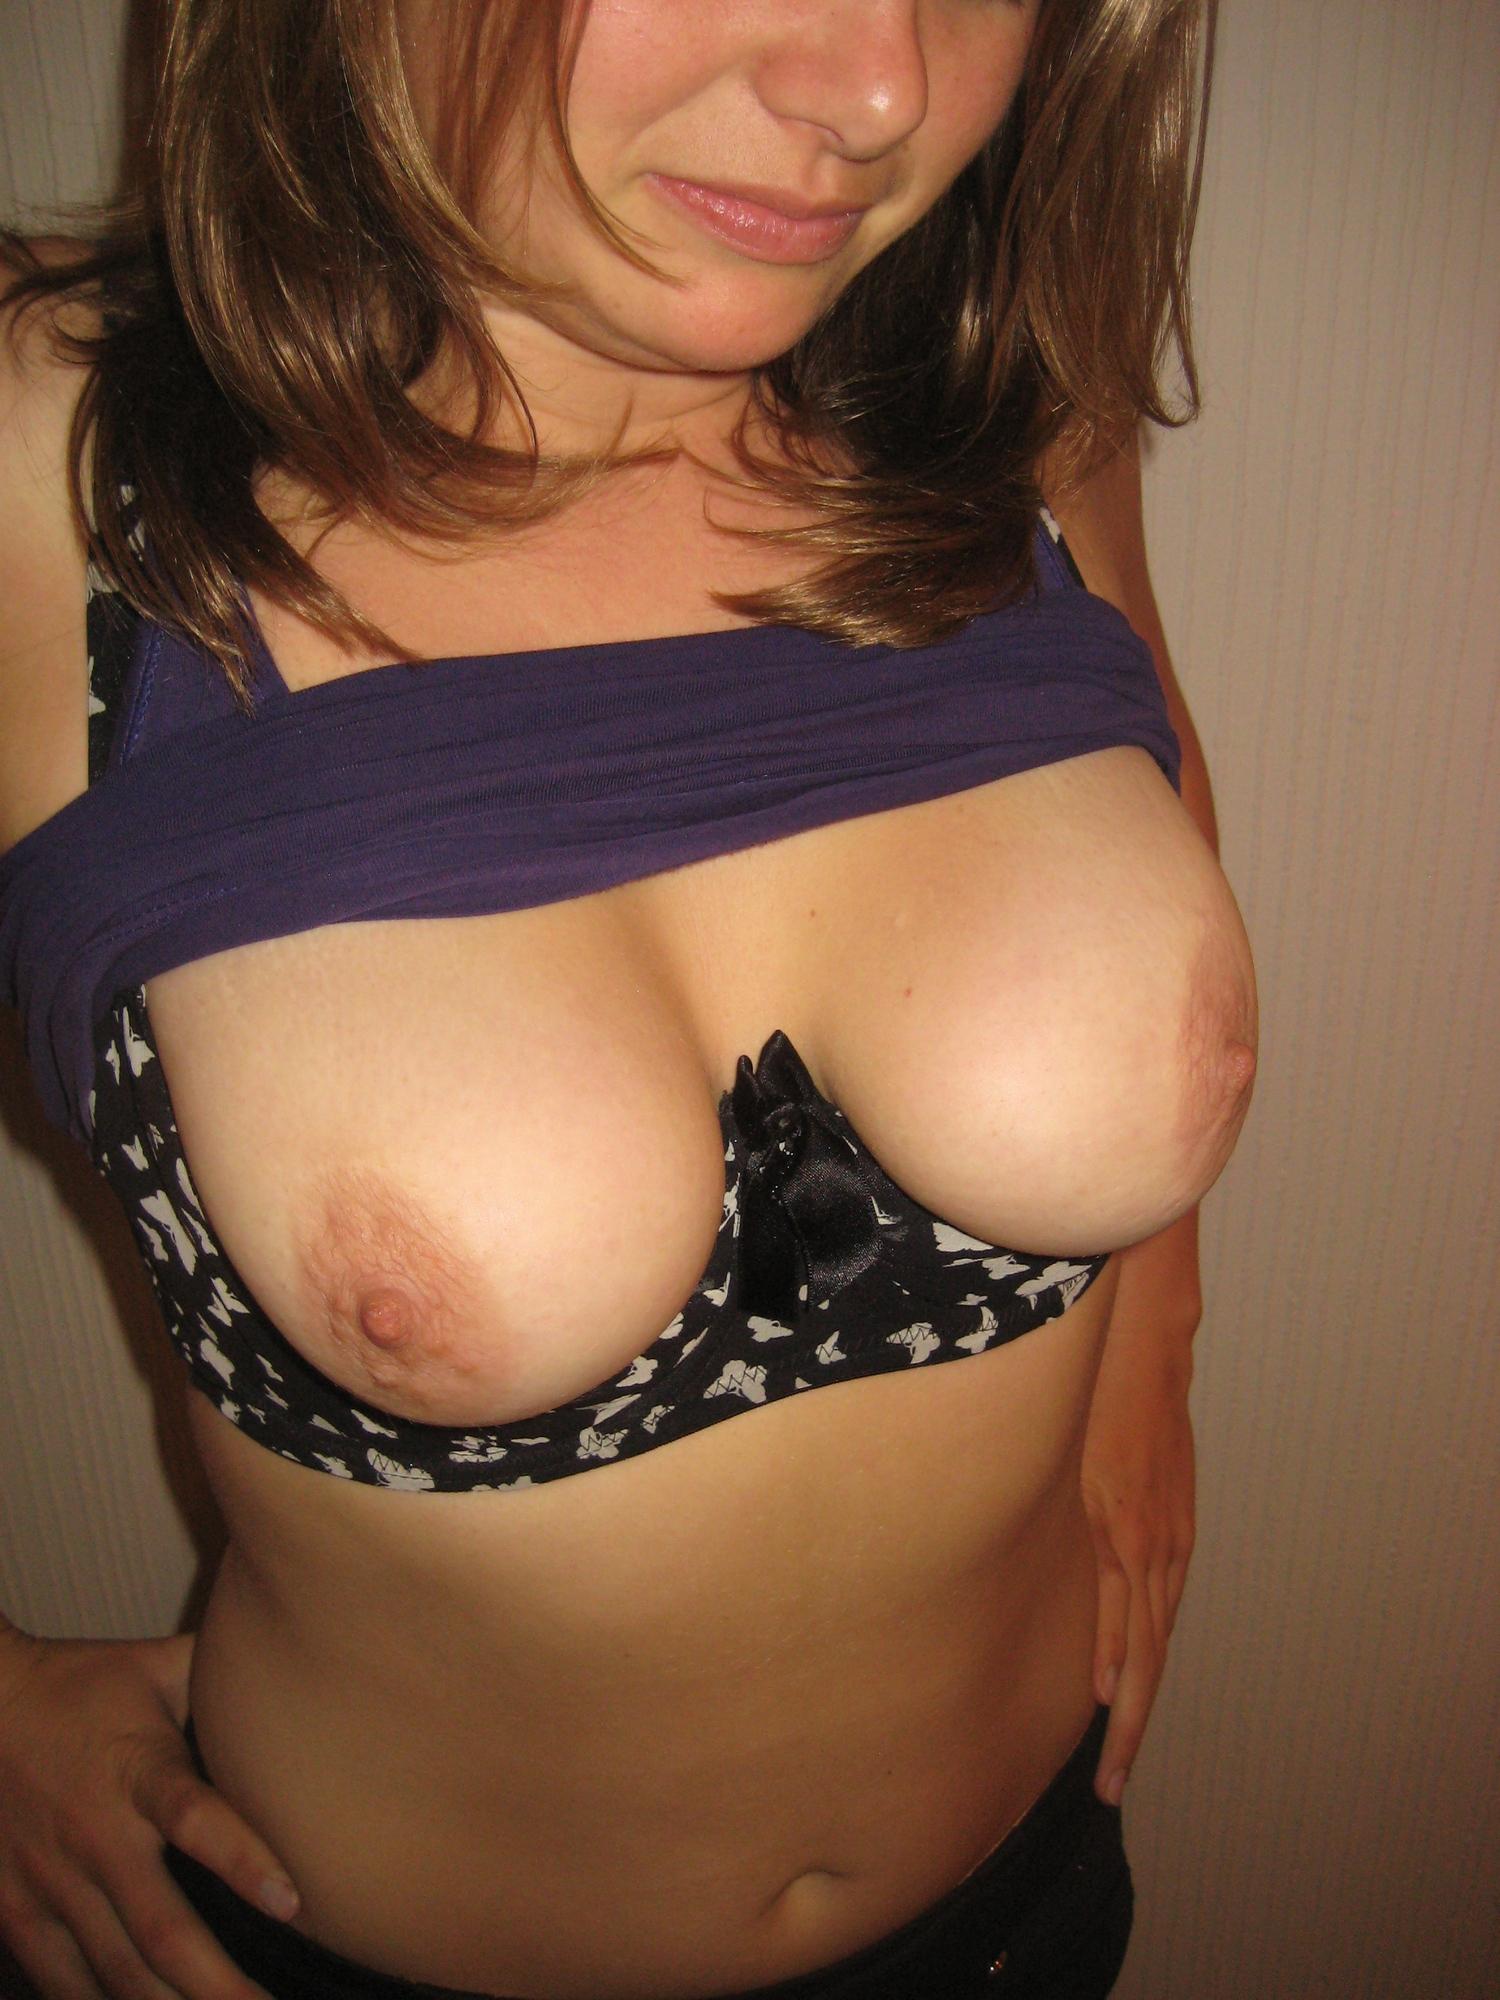 Леди обнажила грудь третьего размера задрав футболку смотреть эротику